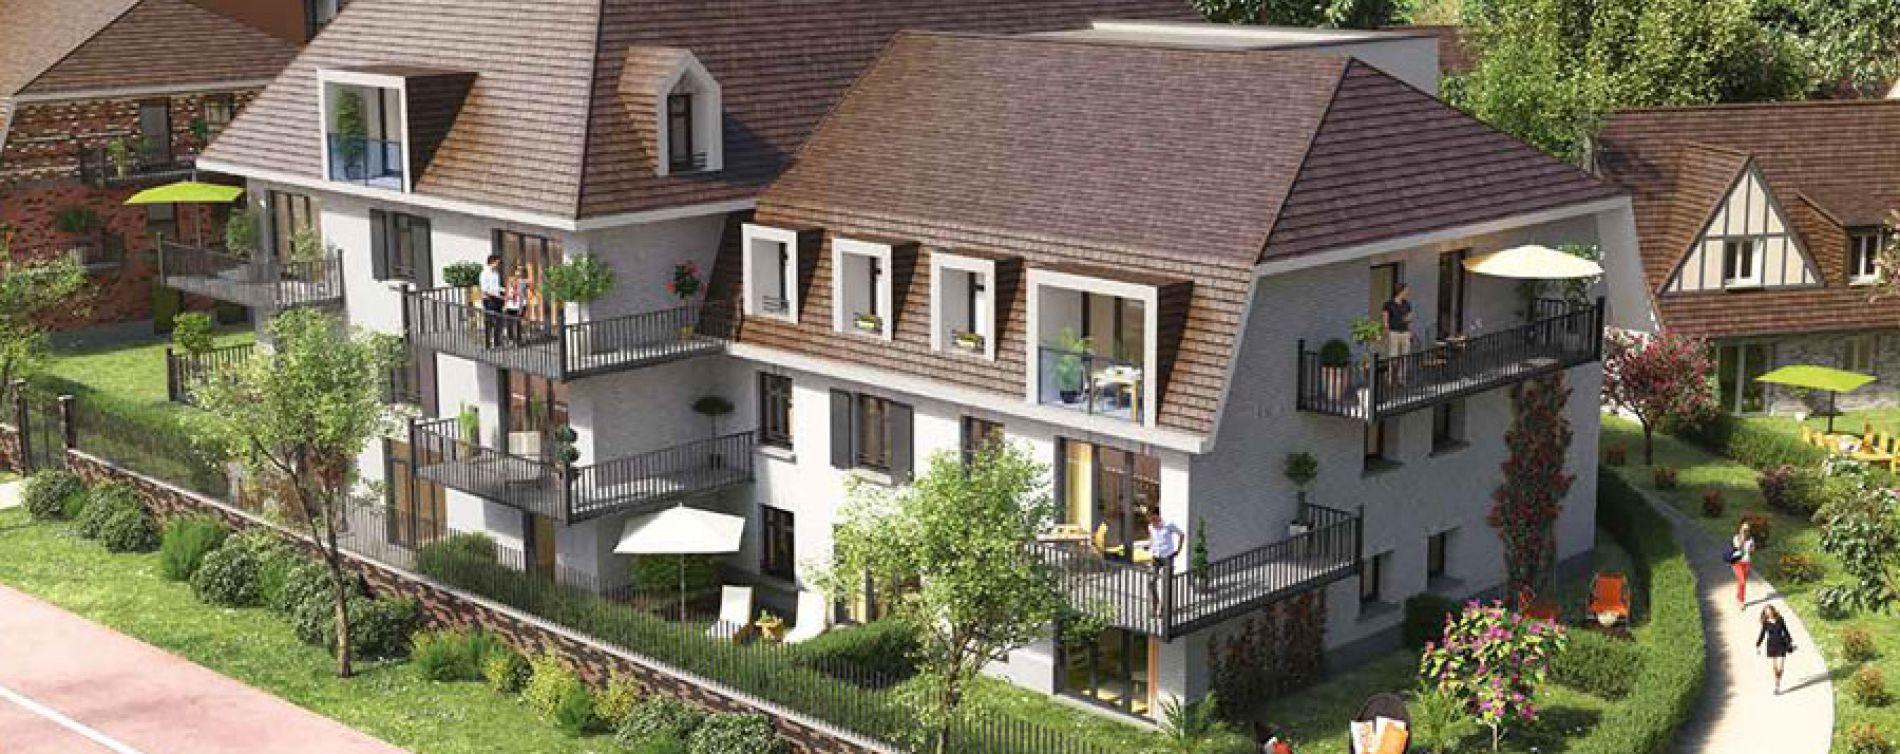 Résidence Les Villas My'Art à Tourcoing